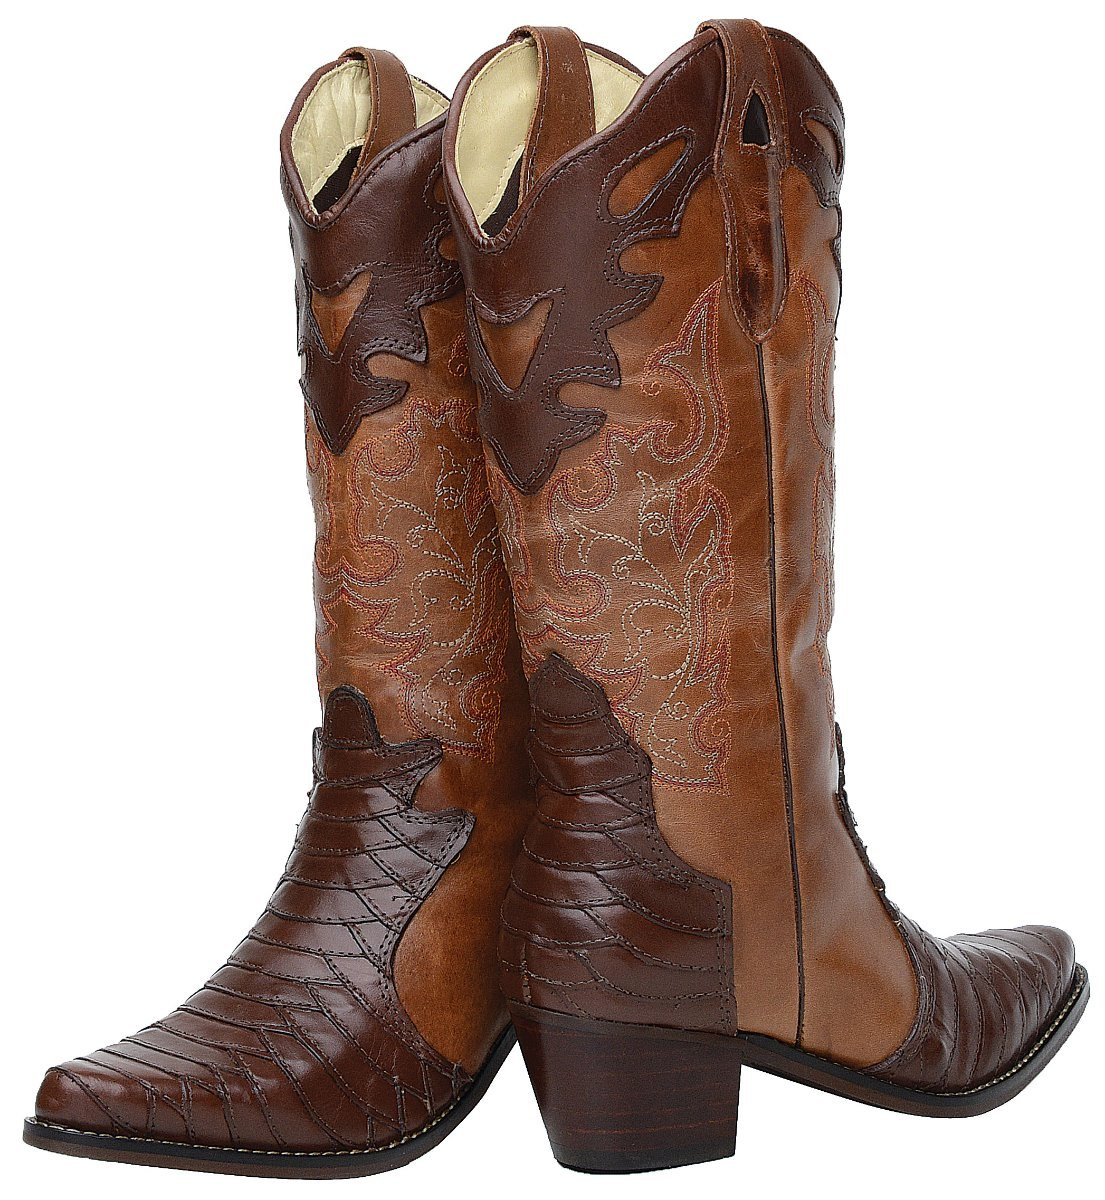 5ad55be5a01 bota feminina texana escamada bico fino montaria couro. Carregando zoom.